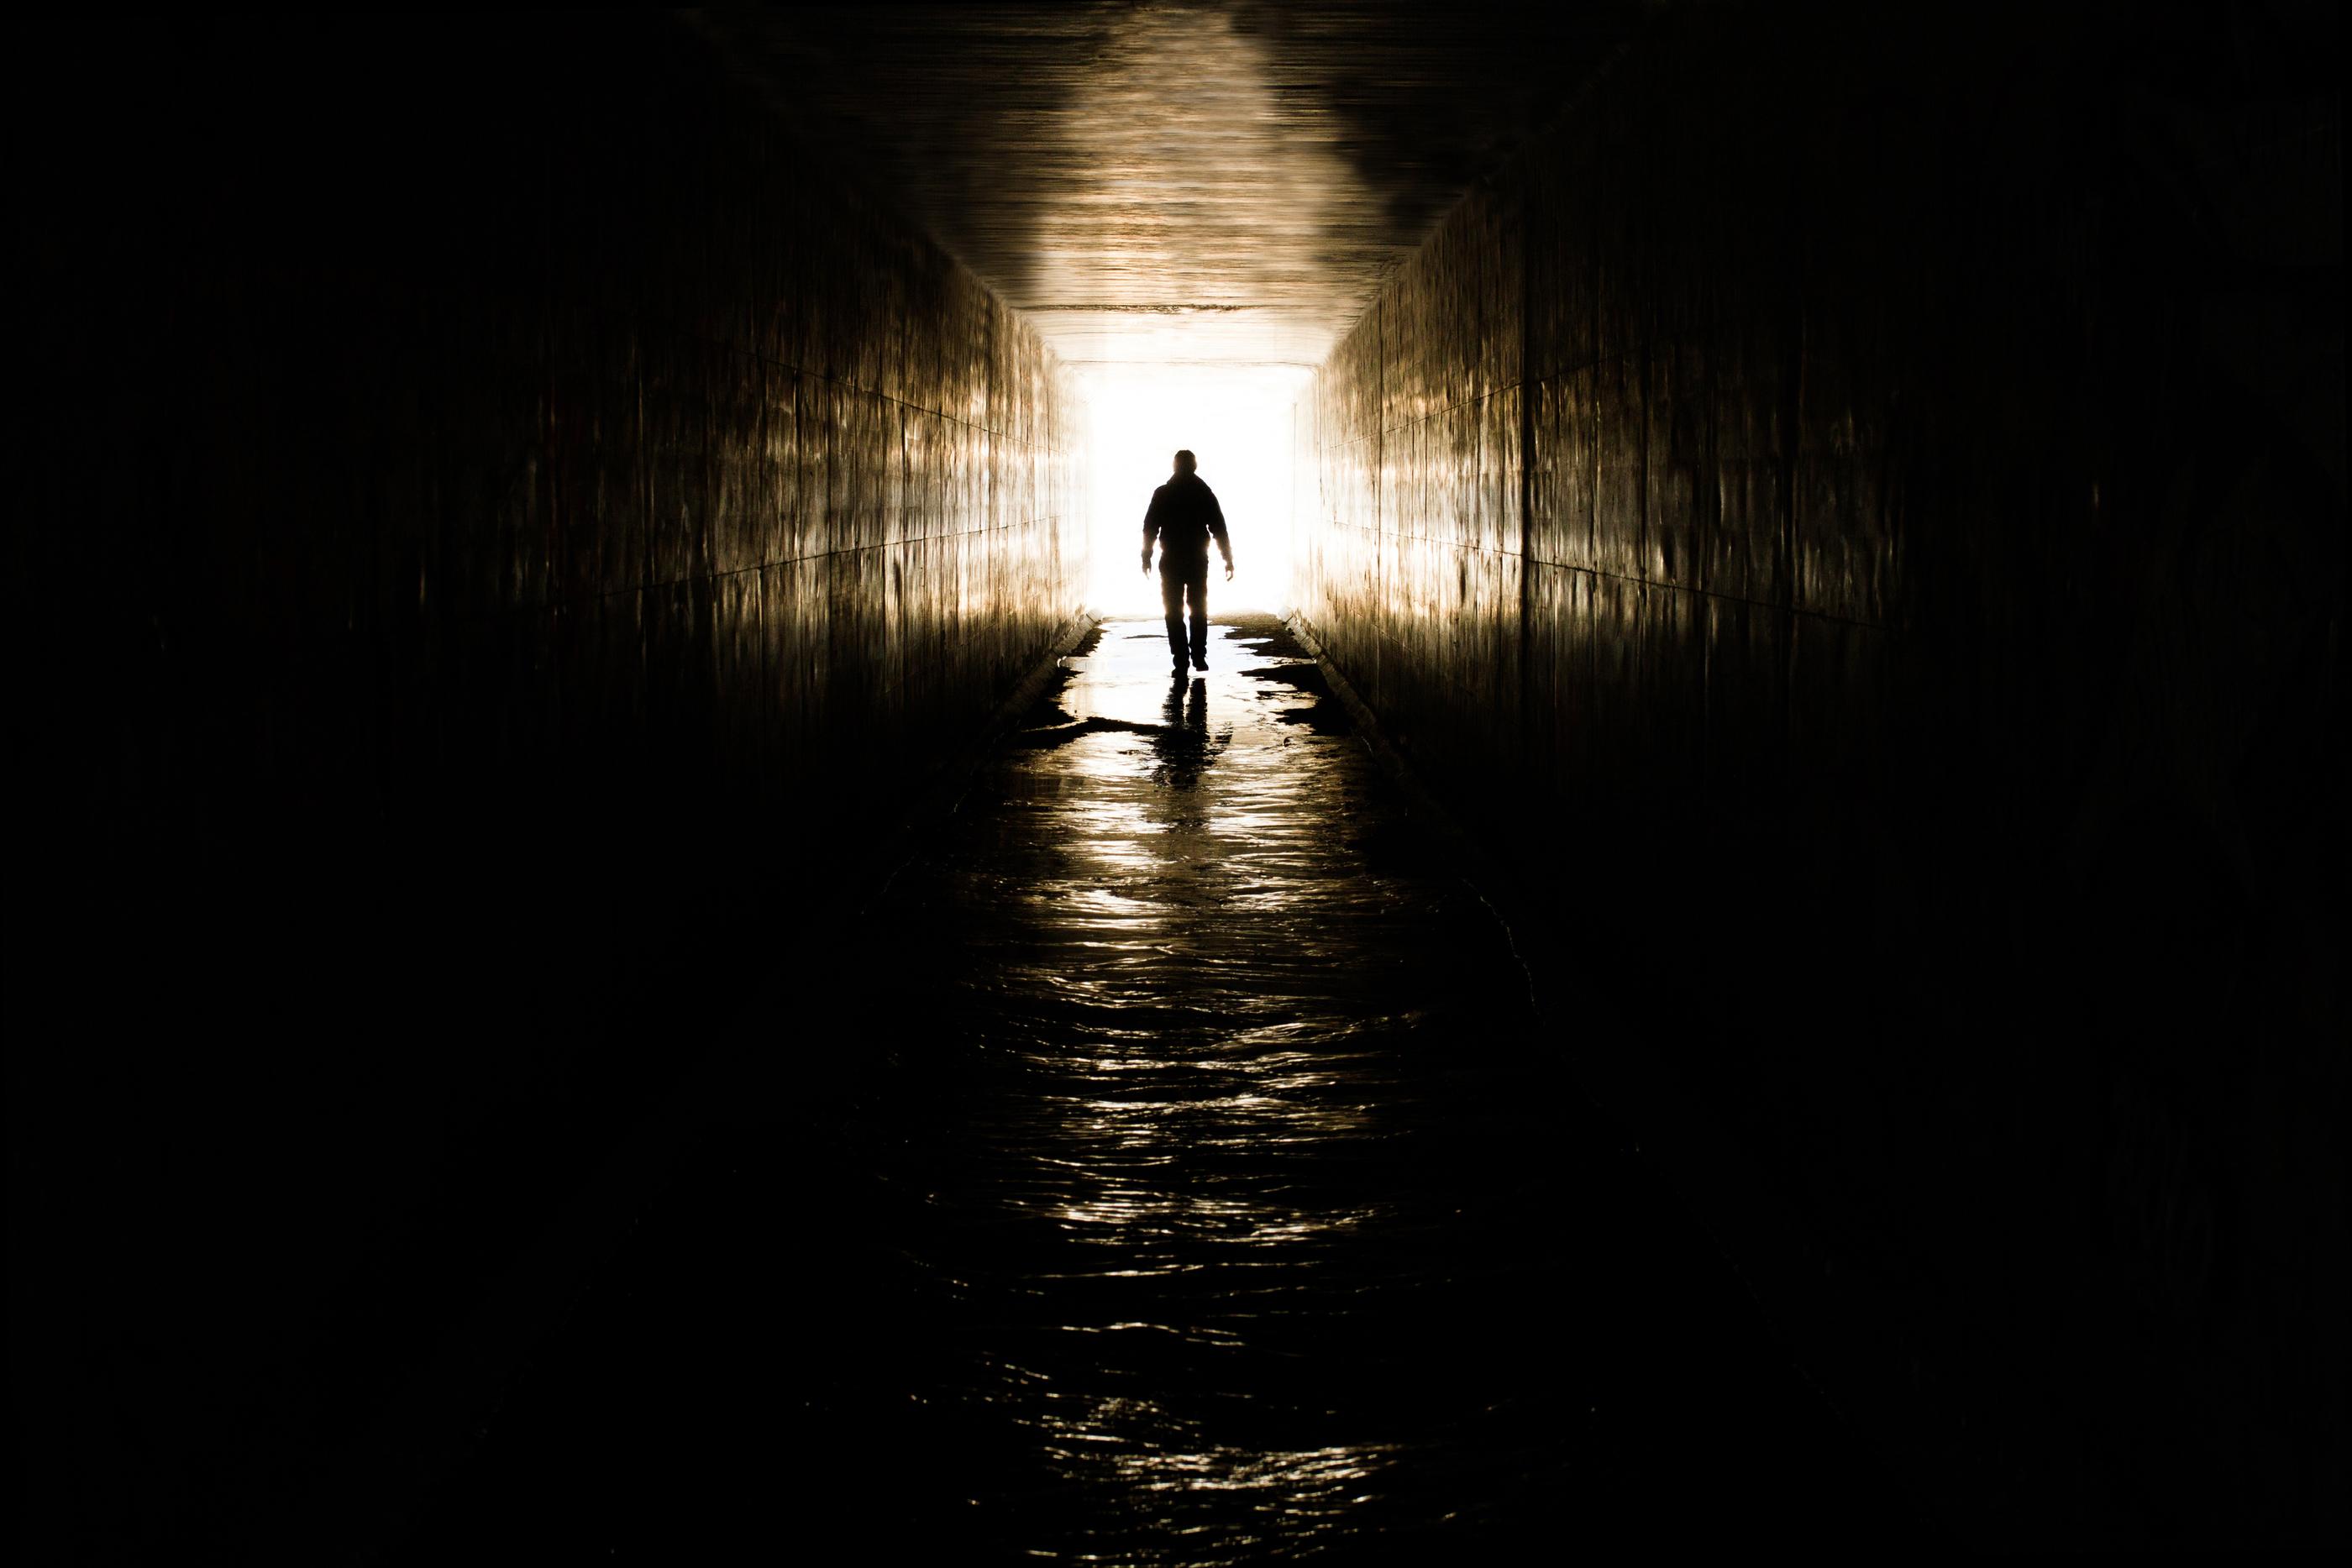 картинка уходящего в темноту узорами полу, глазурованная